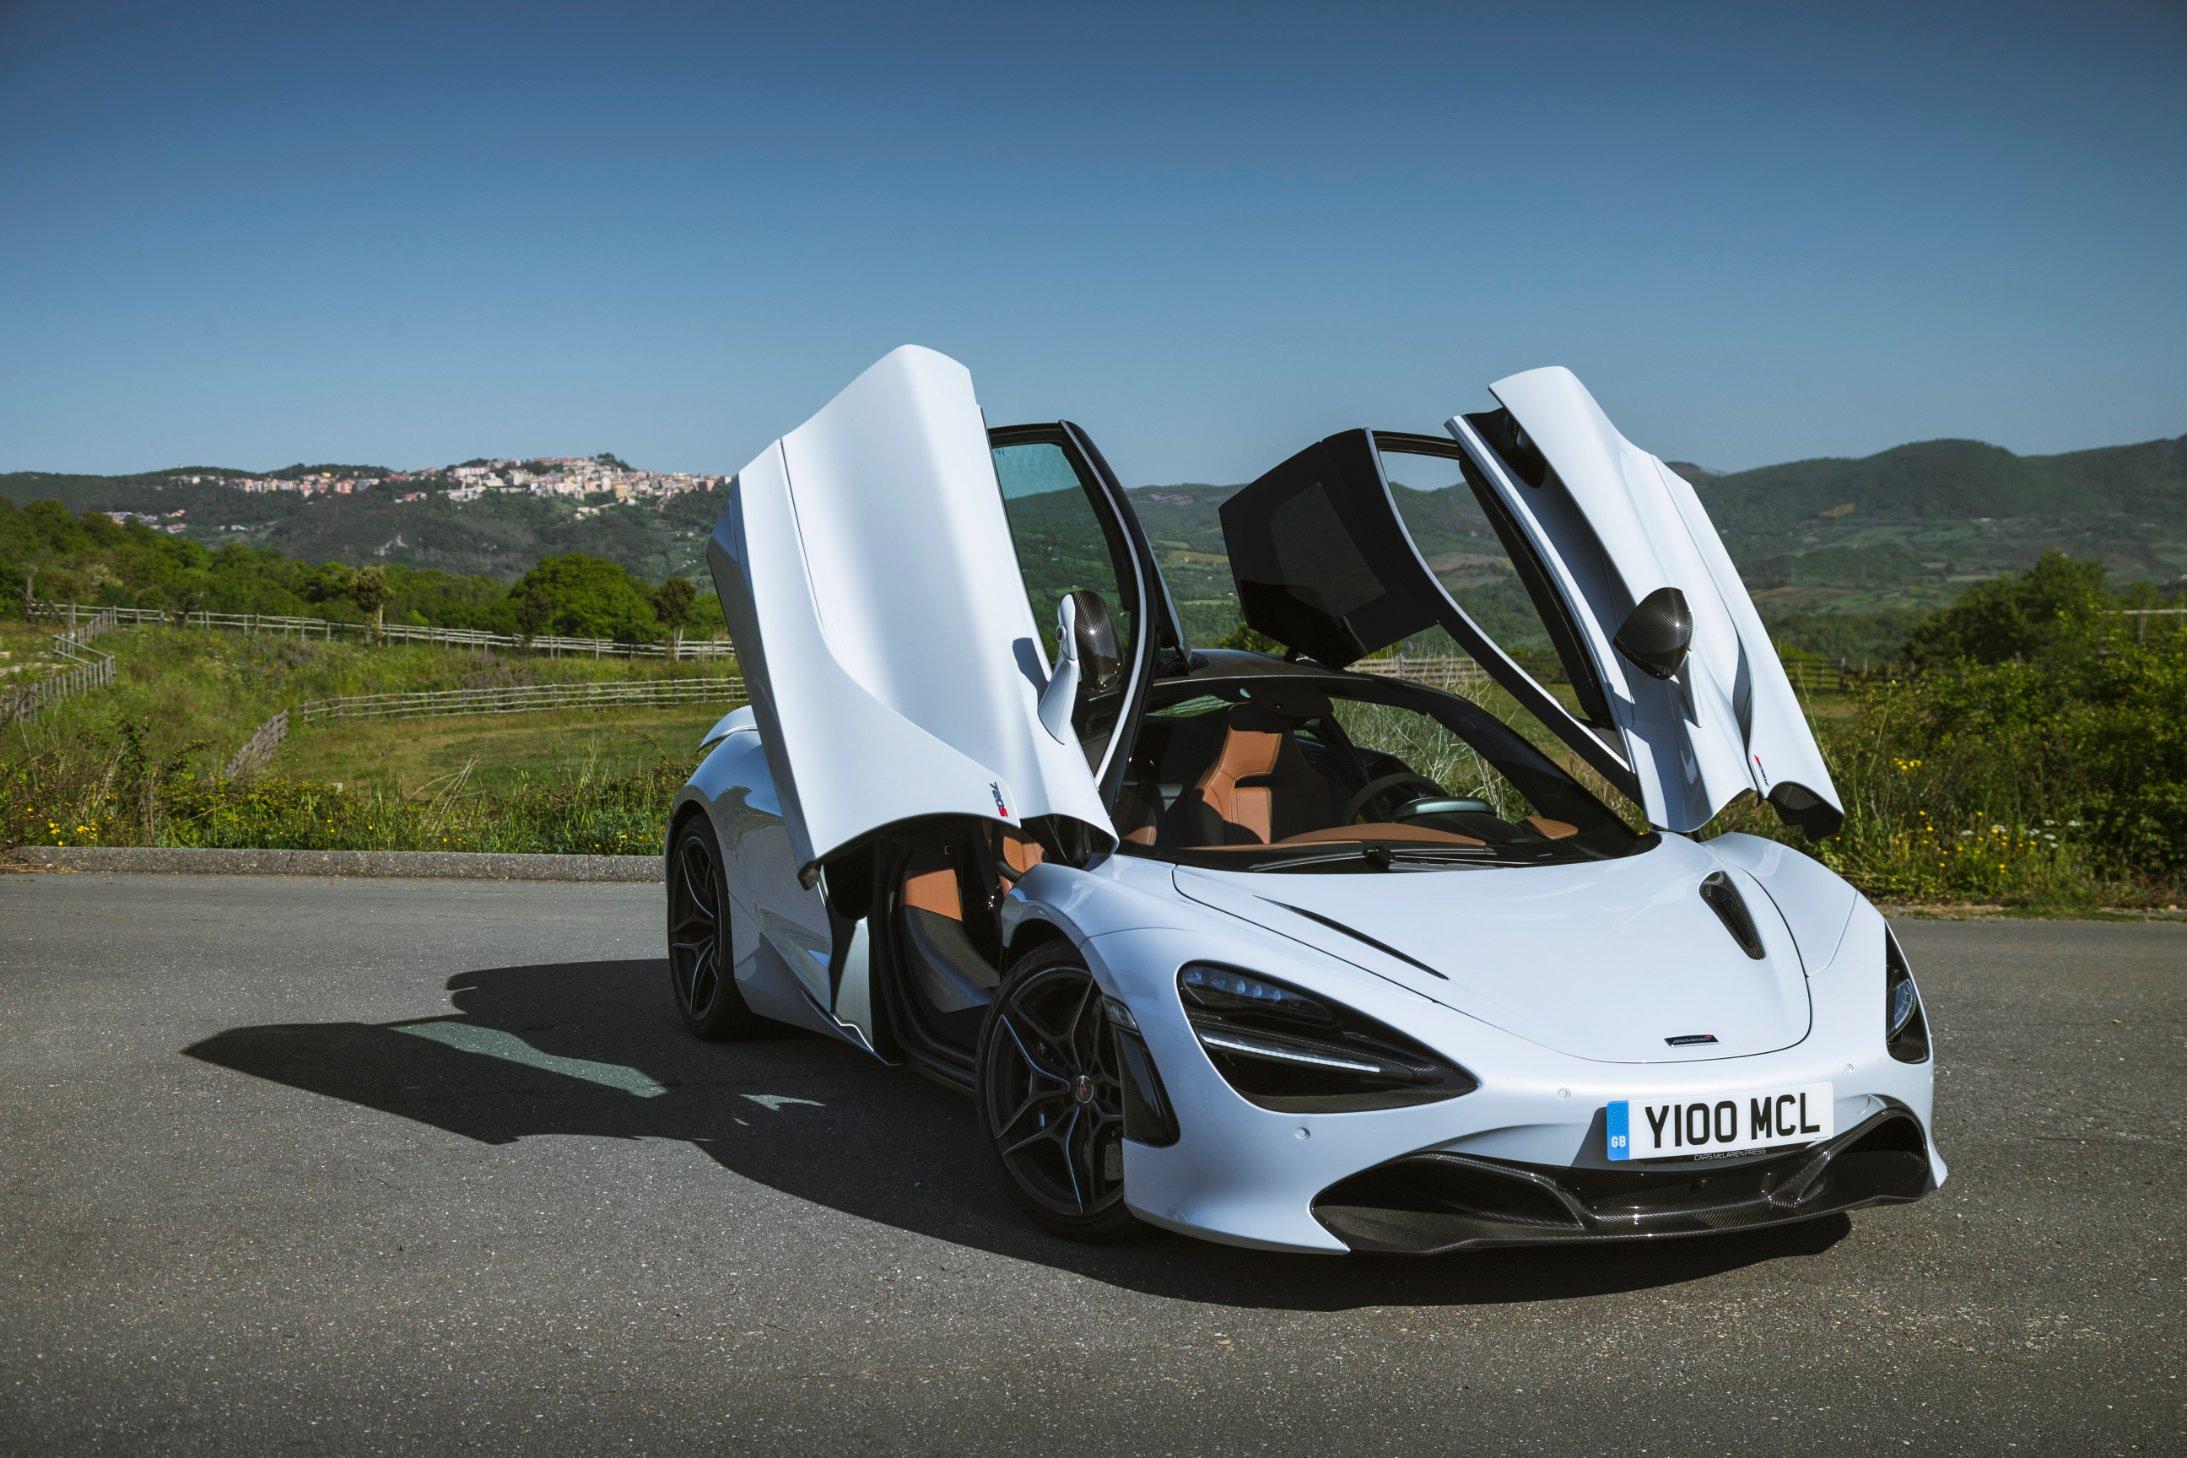 An Italian encounter with the new McLaren 720S - CNN Style